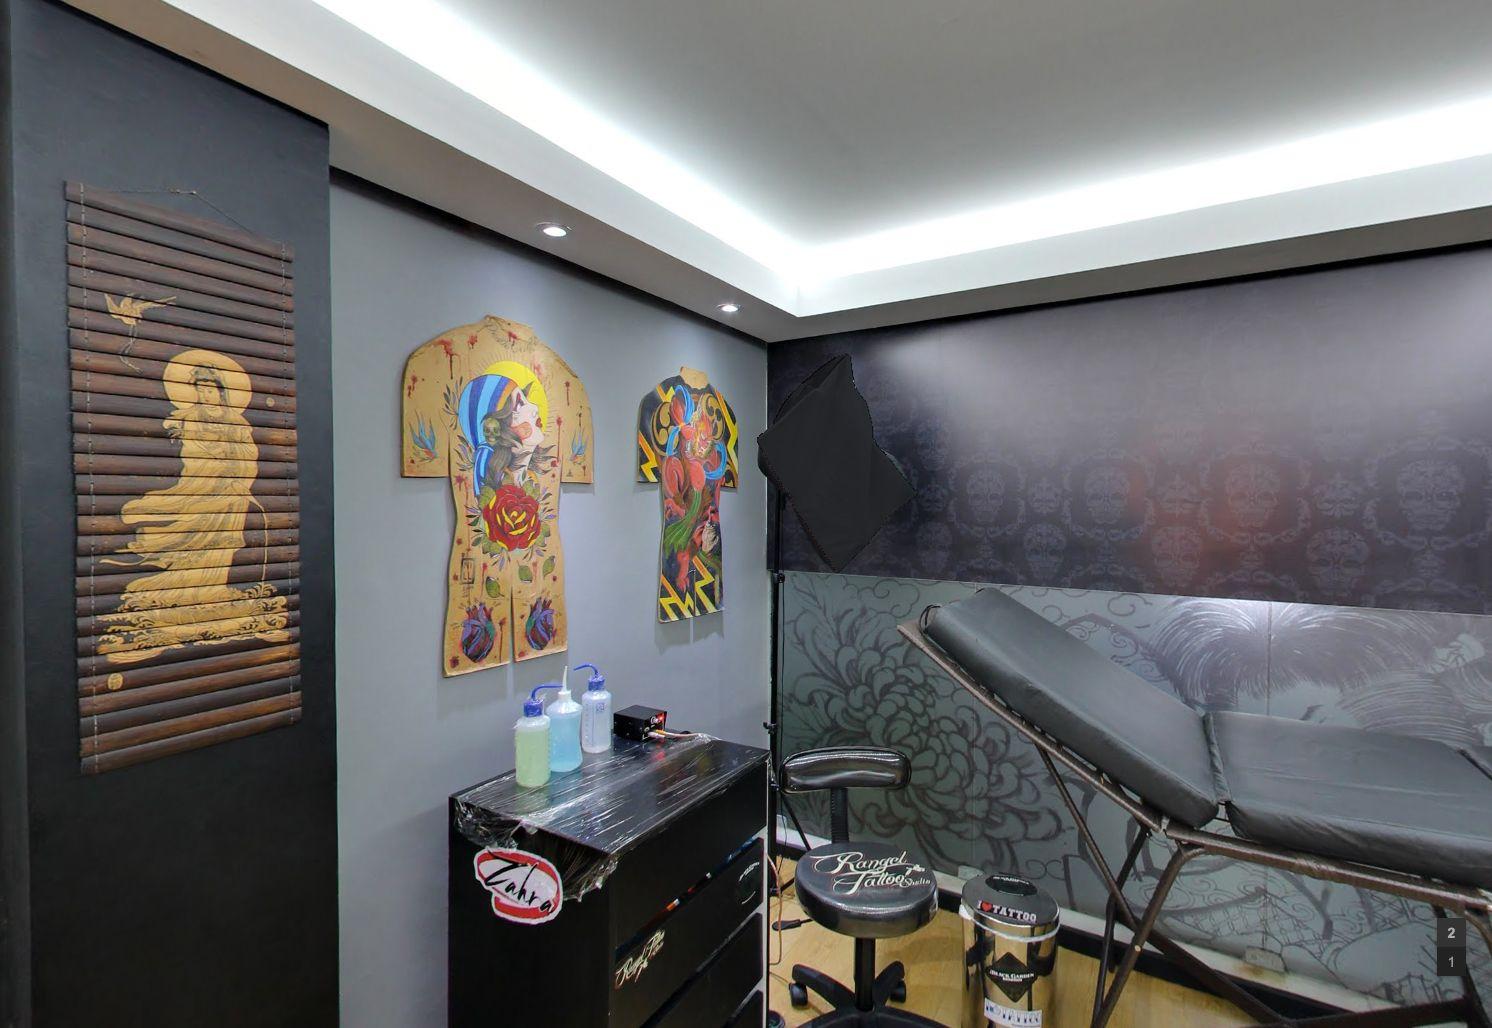 10-sala-tattoo-decoracao-estudio-de-tatuagem-organica-design